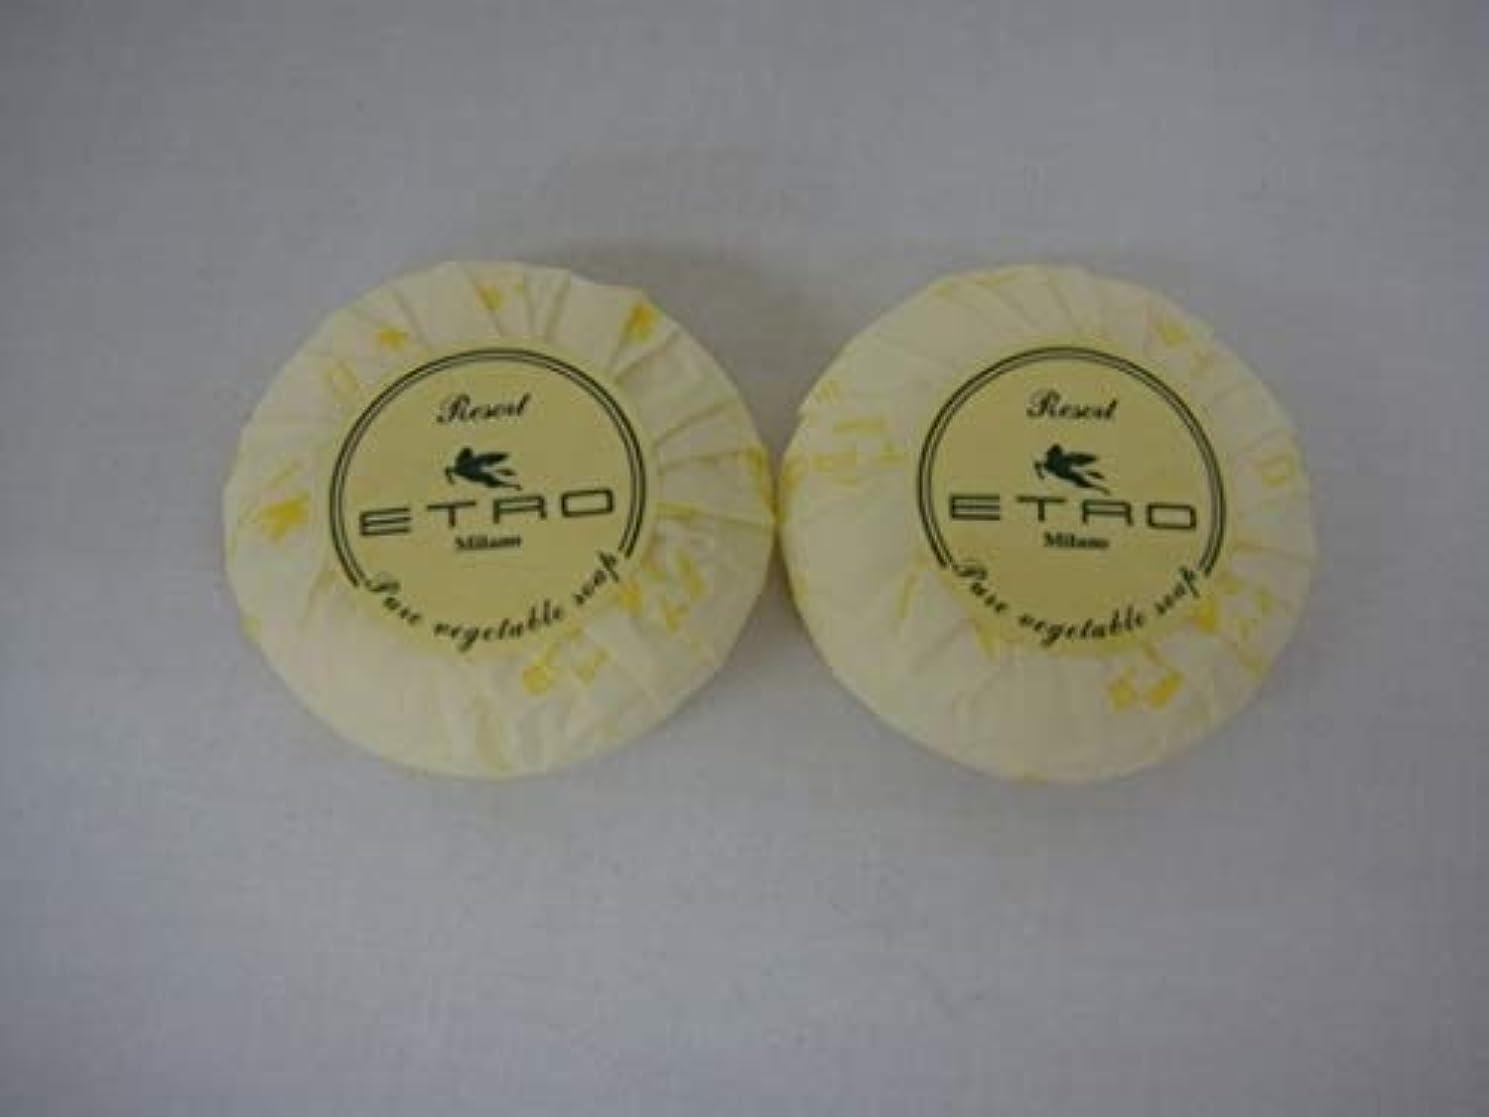 彼らセント投票【X2個セット】ETRO エトロ ピュアベジタブルソープ 石鹸40g×2個 (合計4個)